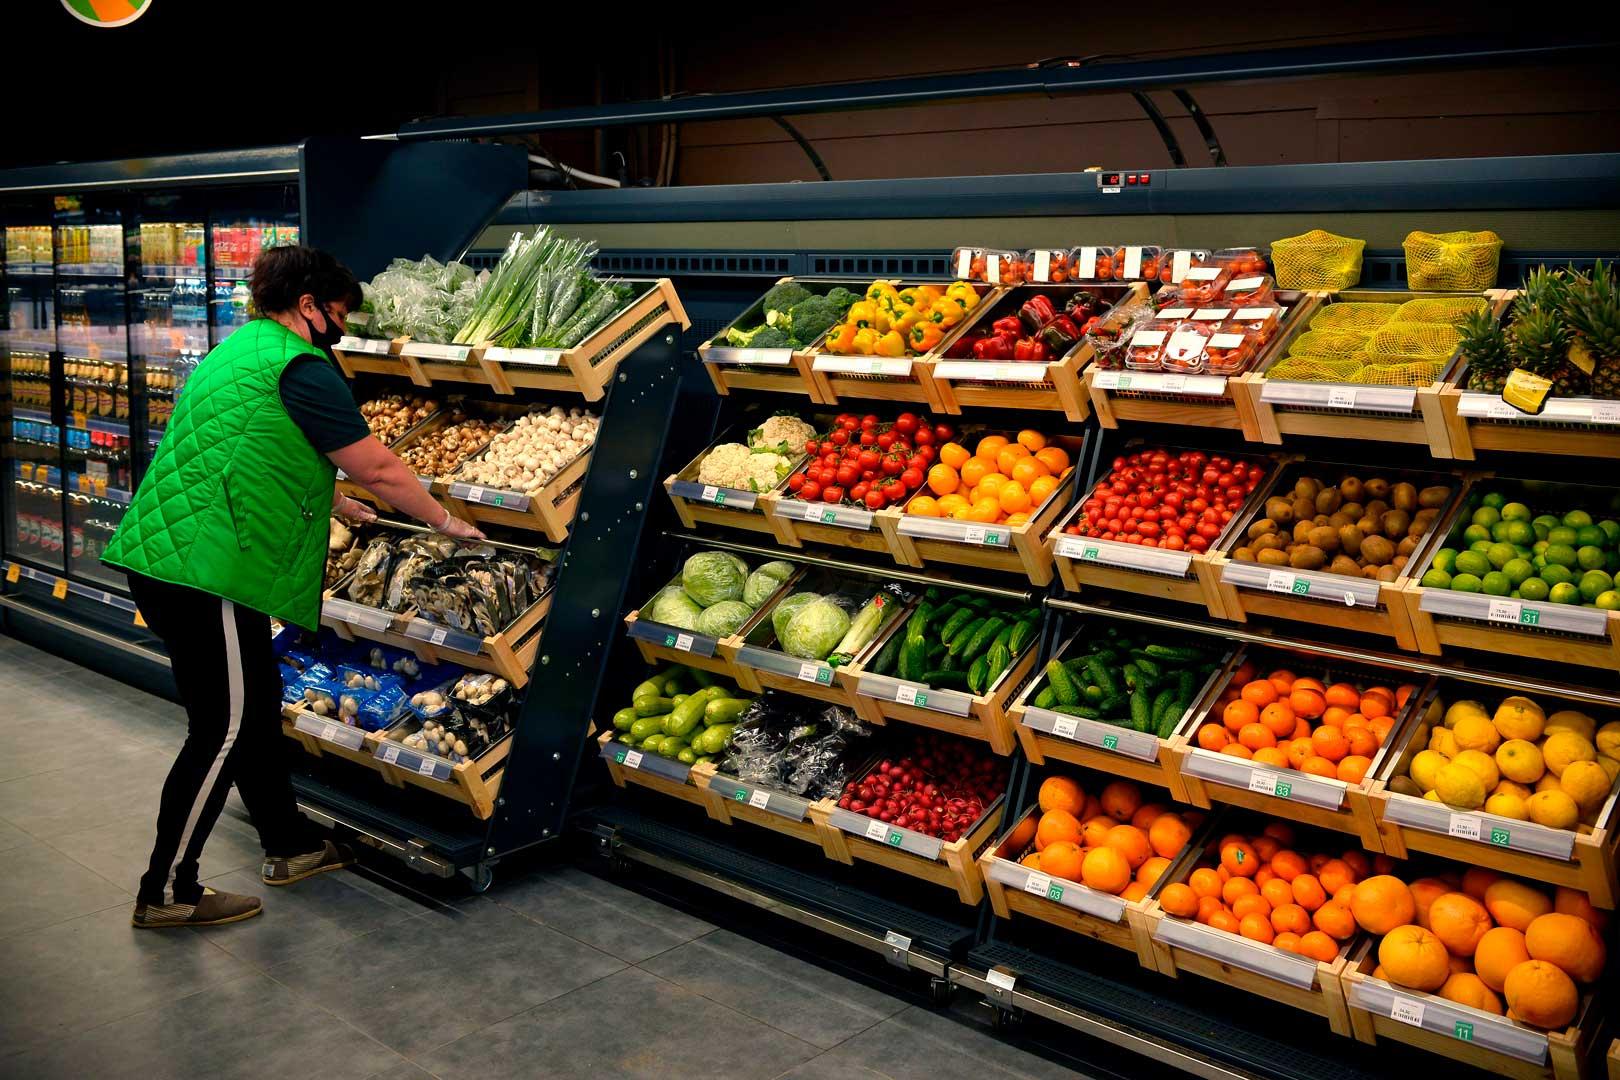 """Спеціалізована вітрина для продажу овочей та фруктів Louisiana VF MV 110 VF O 180-DLM, супермаркет """"Пчелка-маркет"""""""